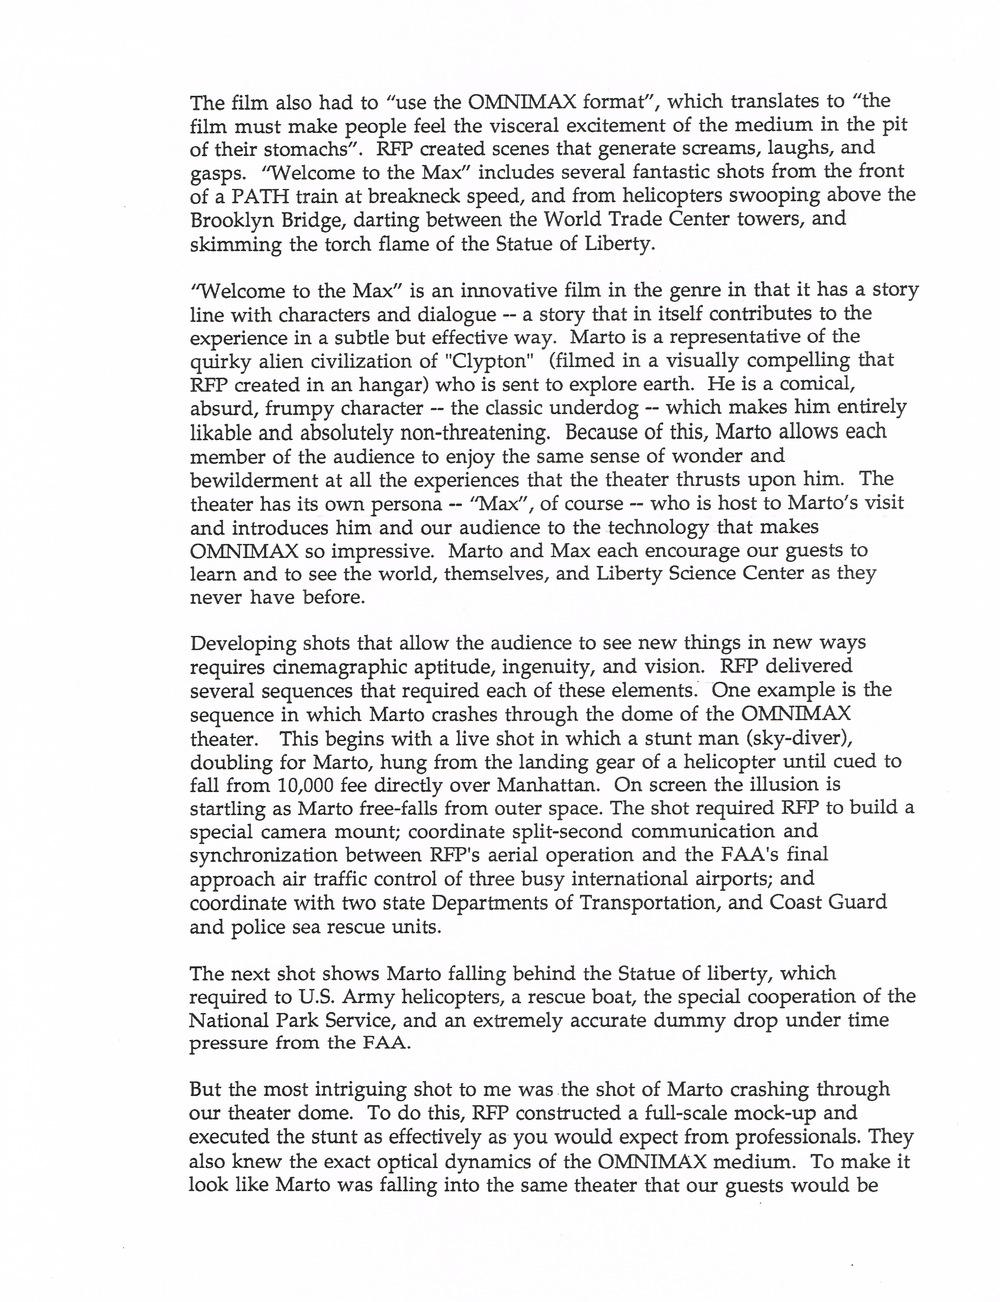 WTTM_Letter of Recommendation_John Marchiony_p2.jpg